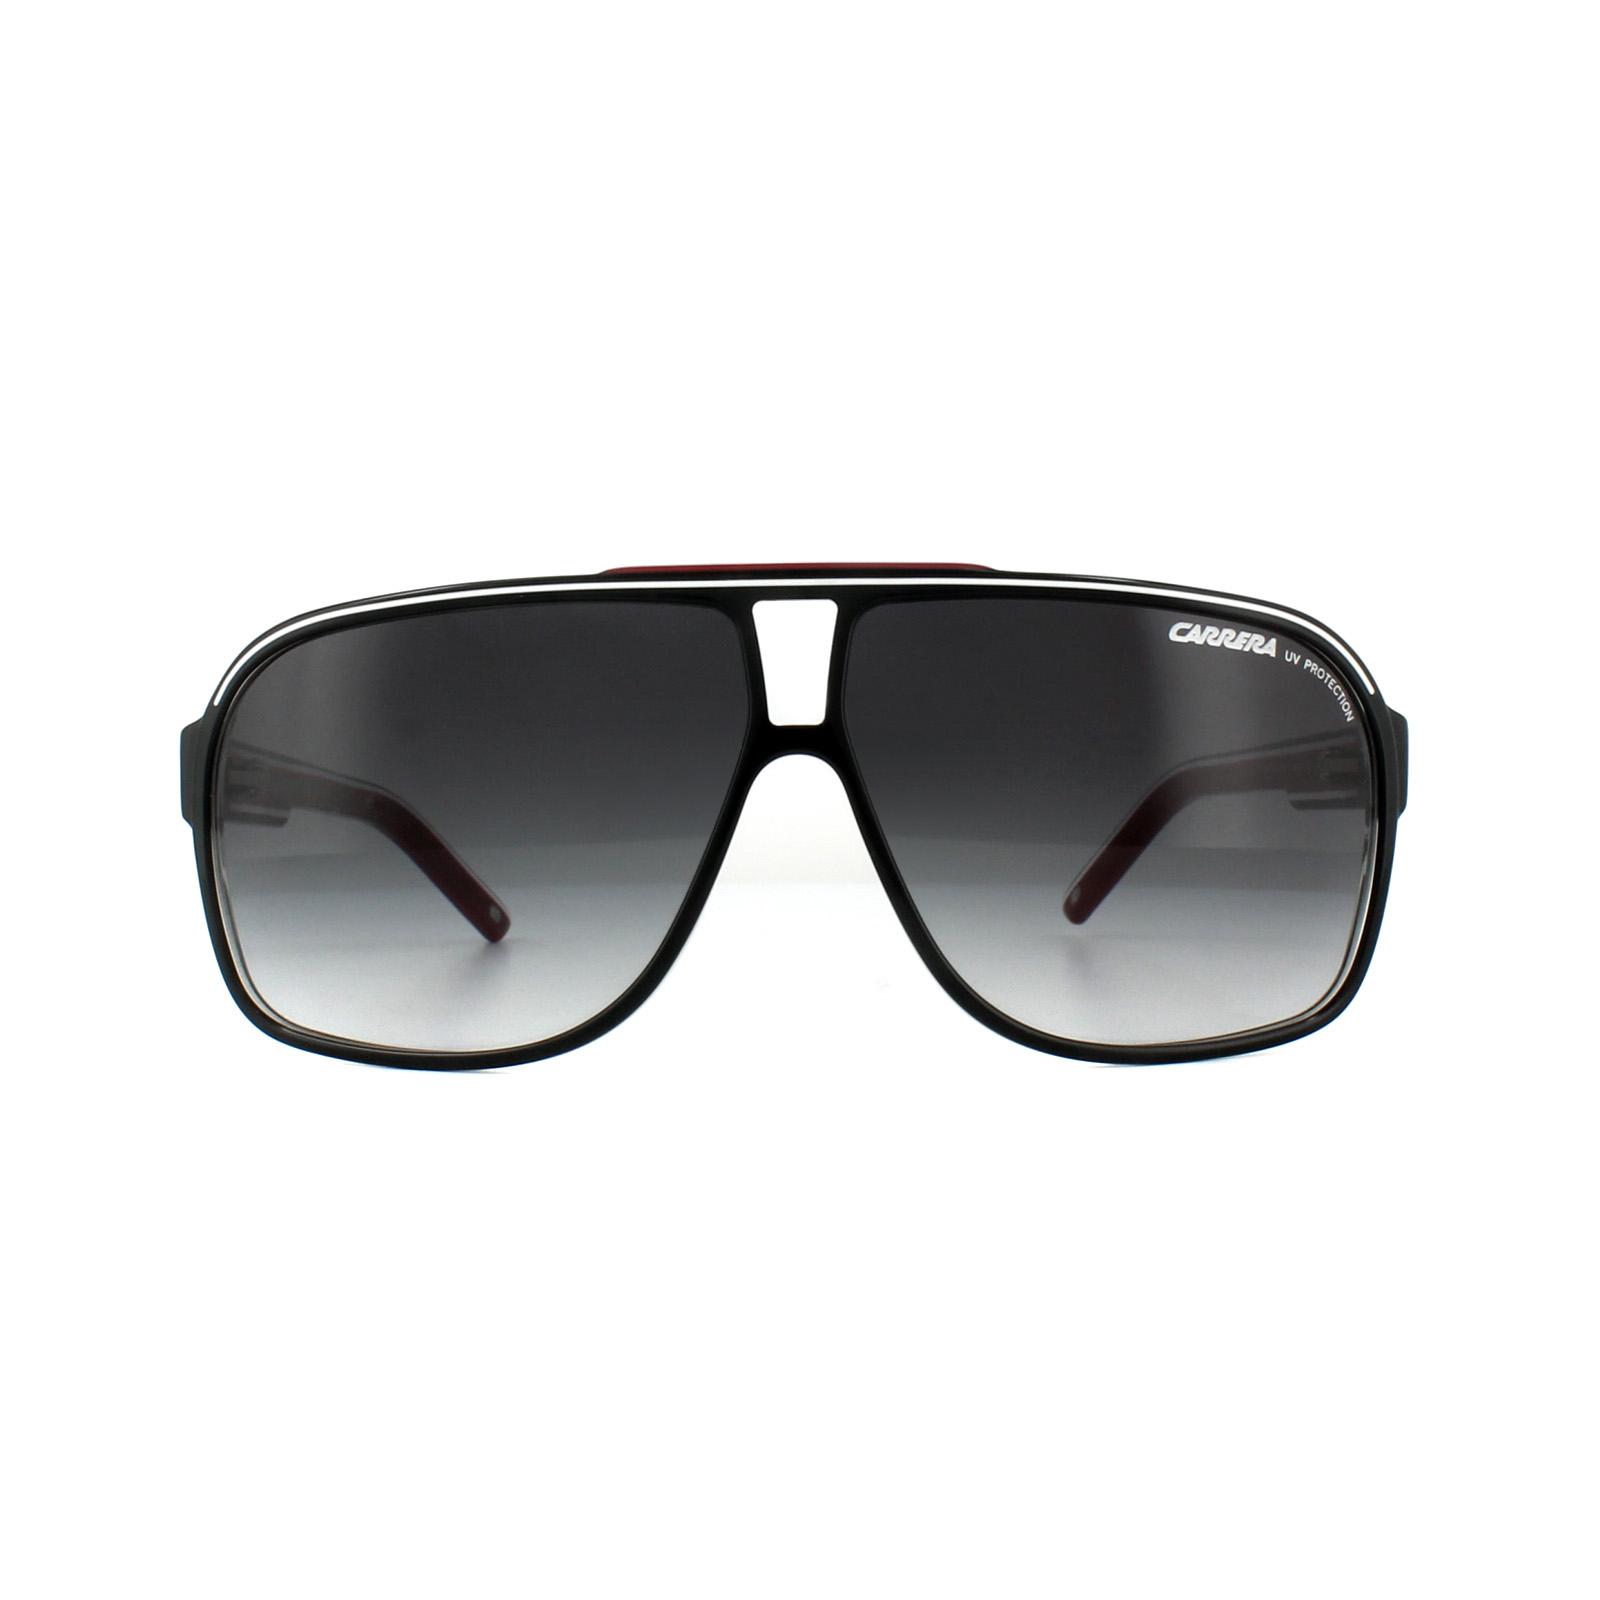 0283b62760f97d Sentinel Thumbnail 2. Sentinel Carrera Sunglasses Grand Prix 2 T4O 9O Black  Dark Grey Gradient. Sentinel Thumbnail 3